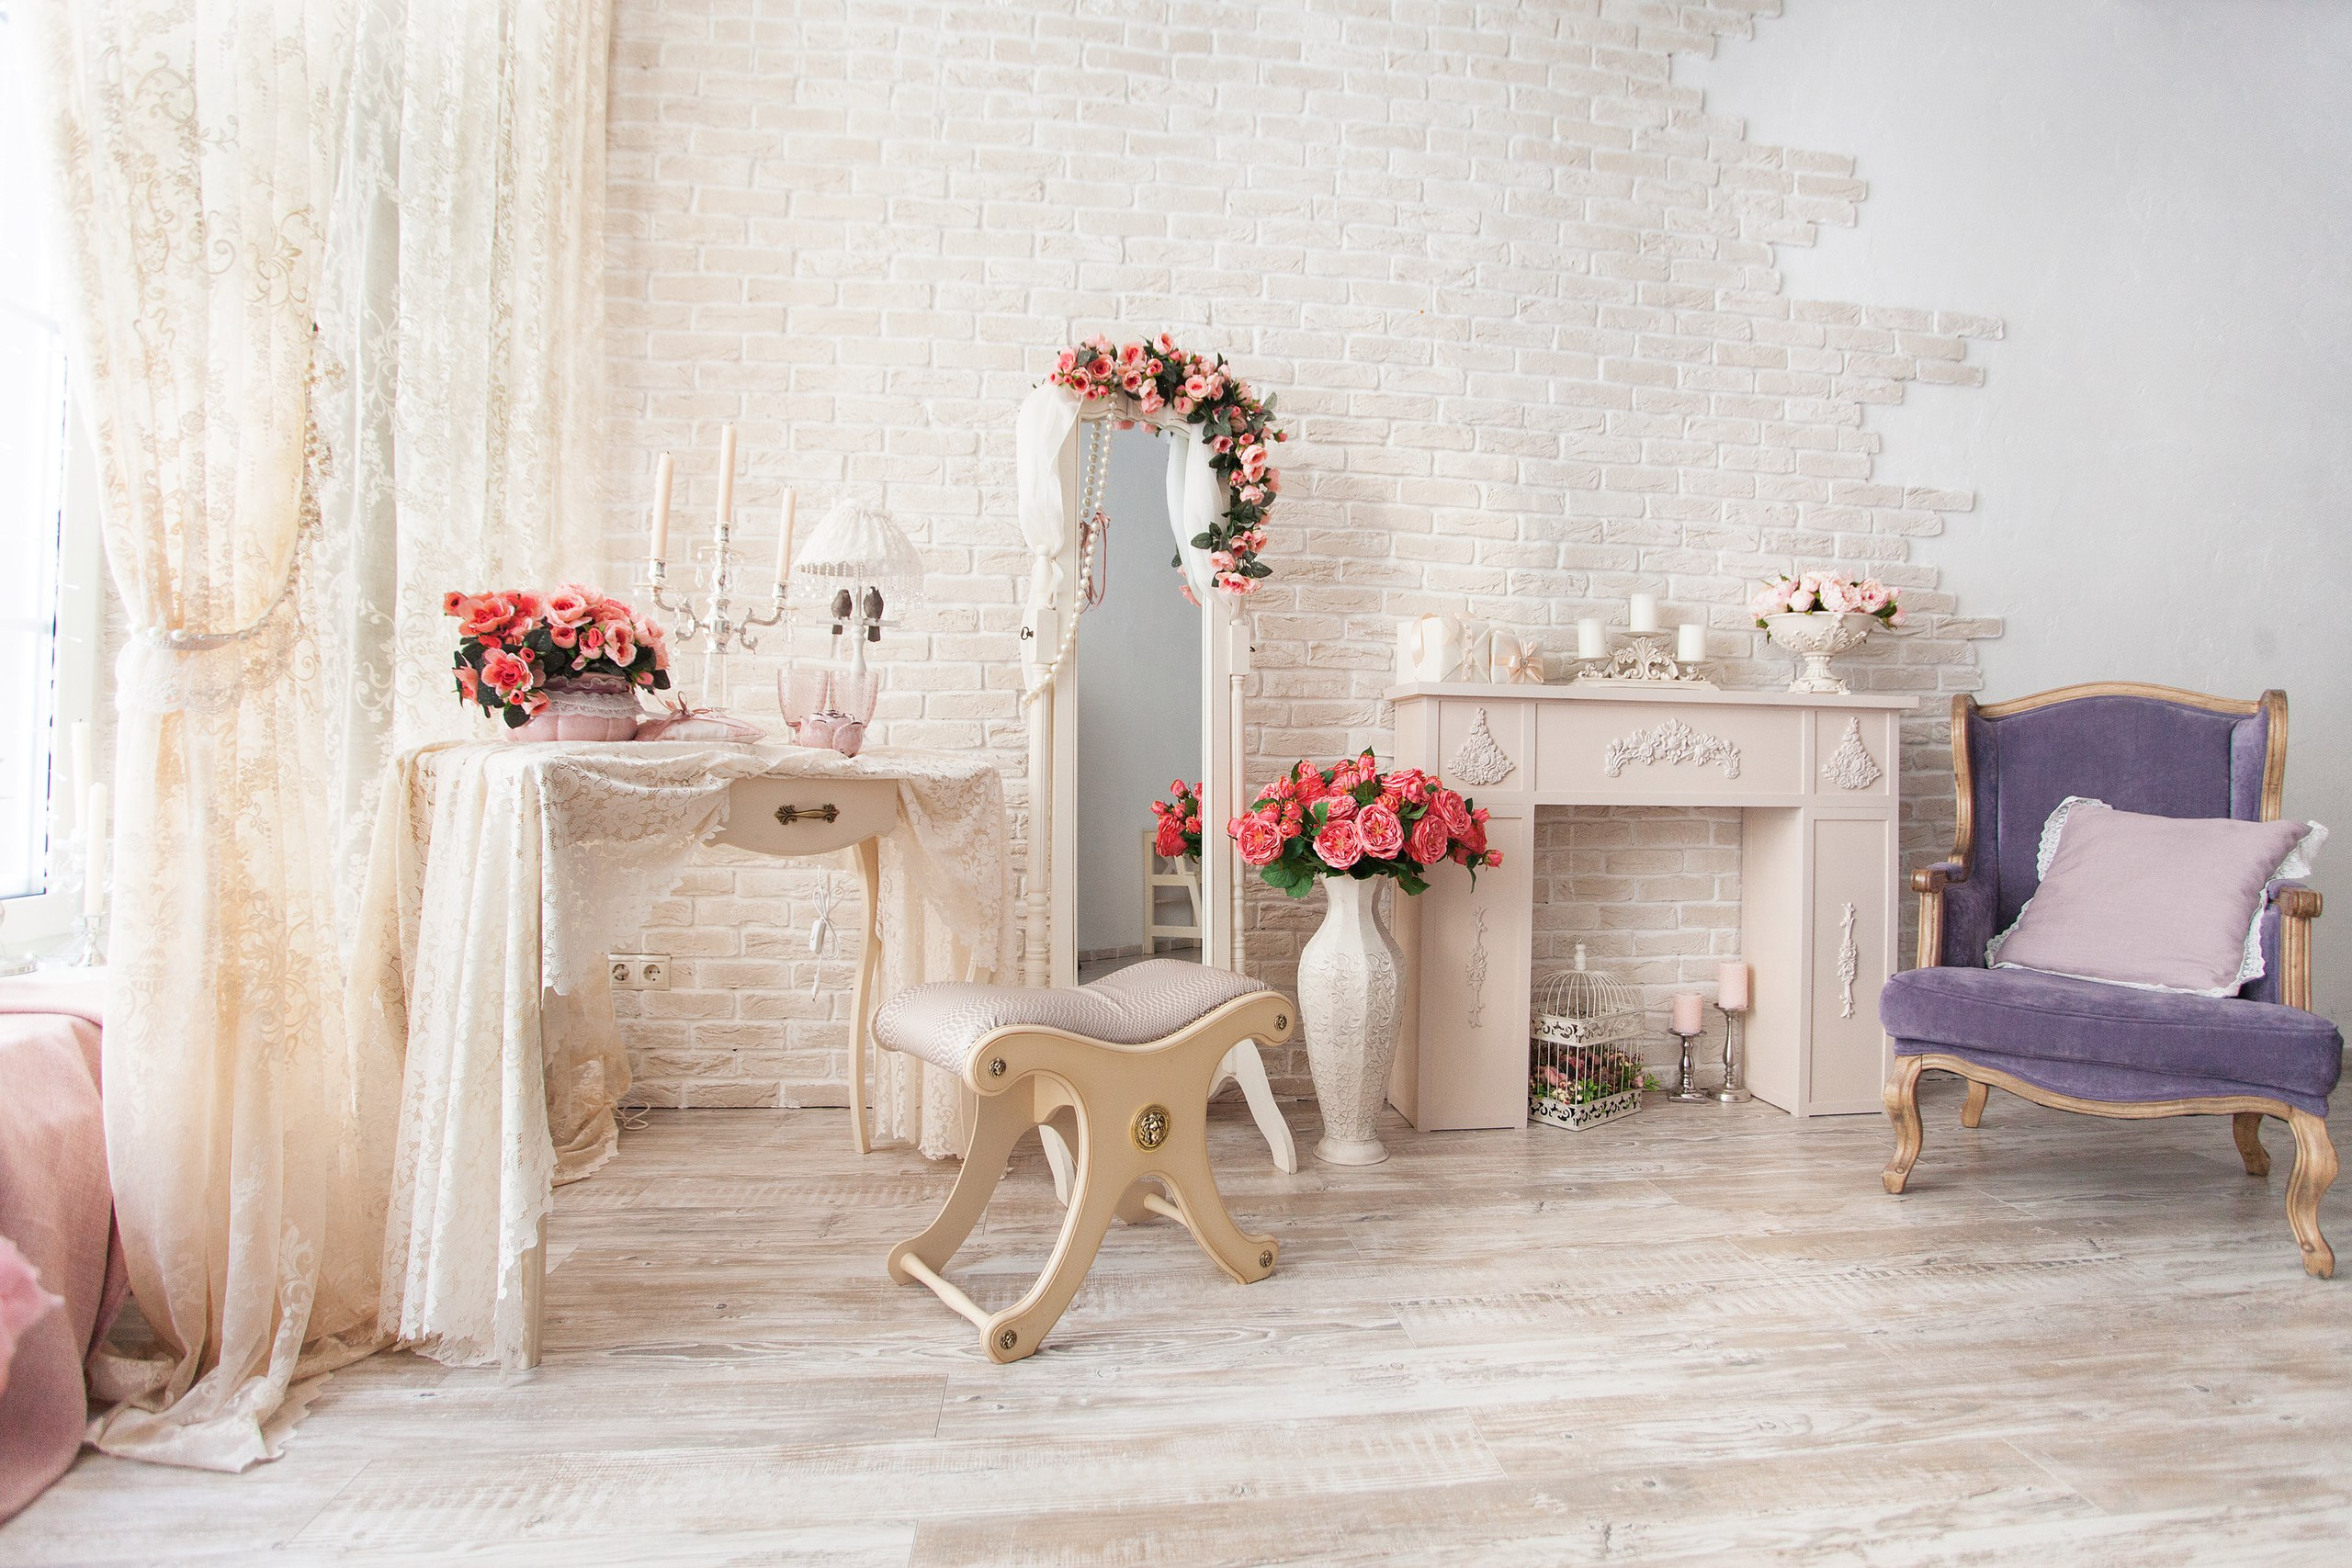 фото фотостудия санкт петербург нежно розовый фон зале заседания